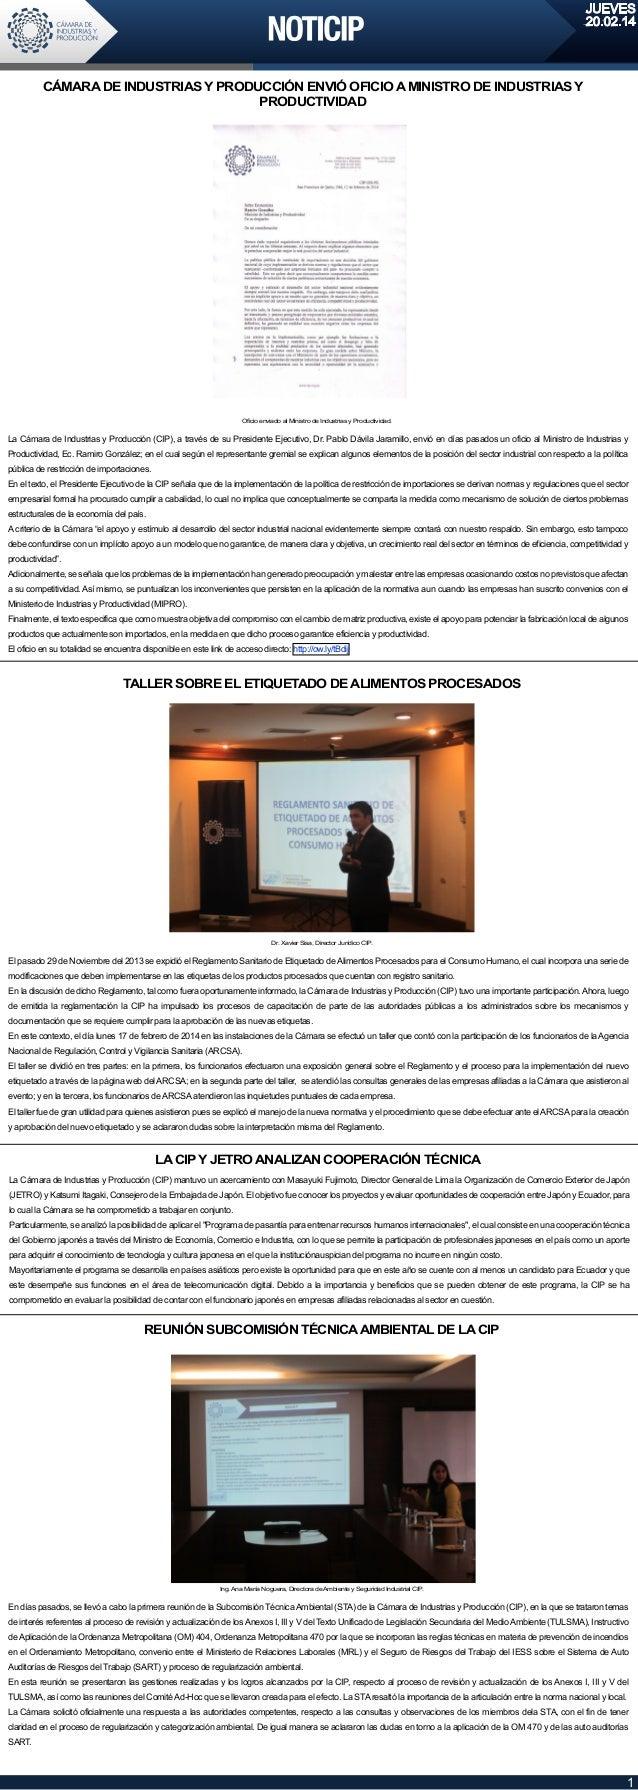 JUEVES 20.02.14  CÁMARA DE INDUSTRIAS Y PRODUCCIÓN ENVIÓ OFICIO A MINISTRO DE INDUSTRIAS Y PRODUCTIVIDAD  Oficio enviado a...